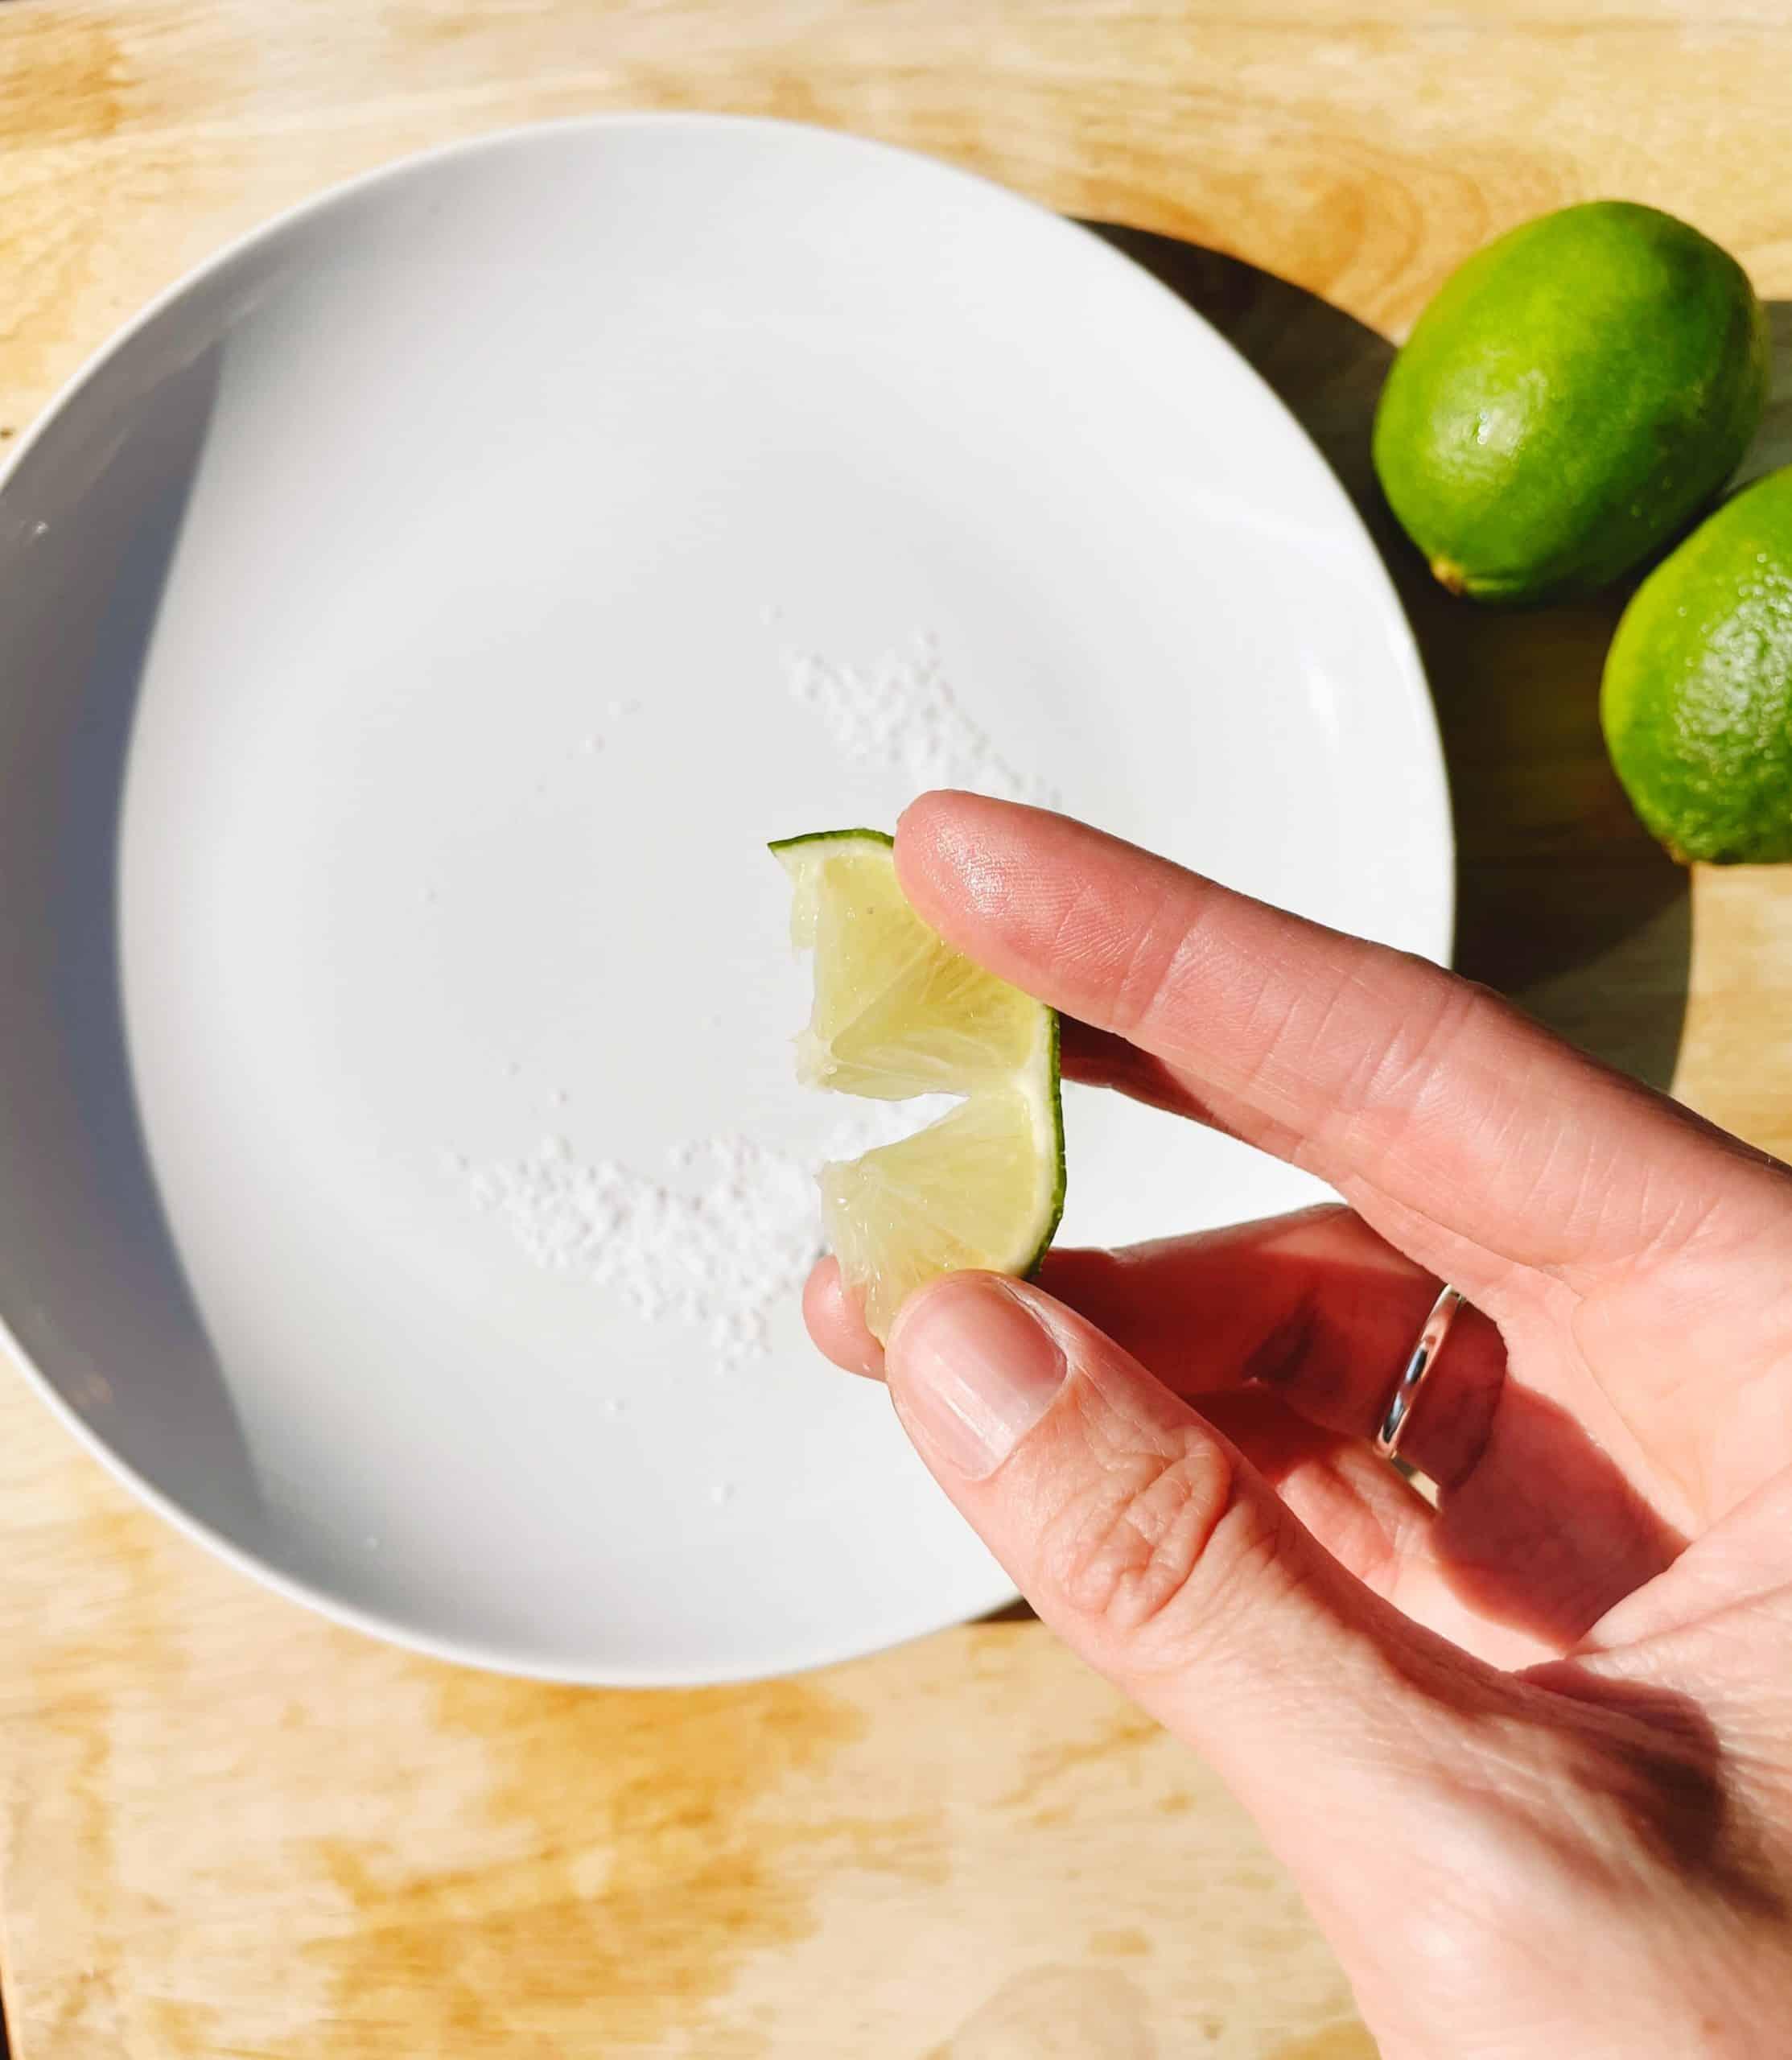 preparing salt rim for healthy margarita